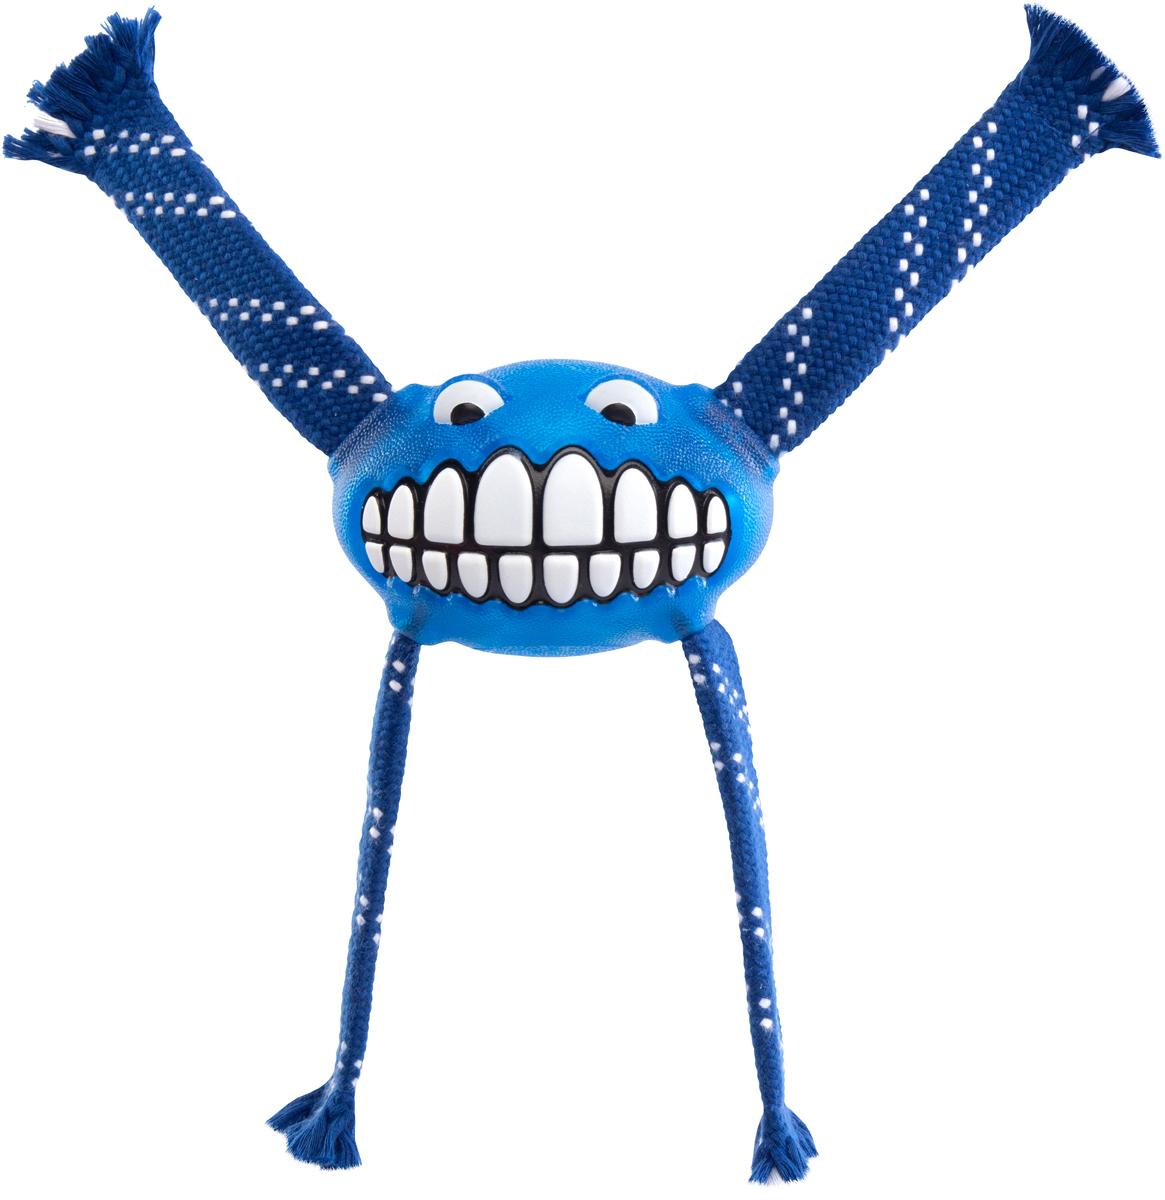 Игрушка для собак Rogz Flossy Grinz. Зубы, цвет: синий, длина 24 смFGR05BИгрушка для собак Rogz Flossy Grinz. Зубы типа Отними - очень прочная и крепкая.Внутри – пищалка, что поддерживает интерес животного к игре.Уникальная функция игрушки - чистит язык и зубы.